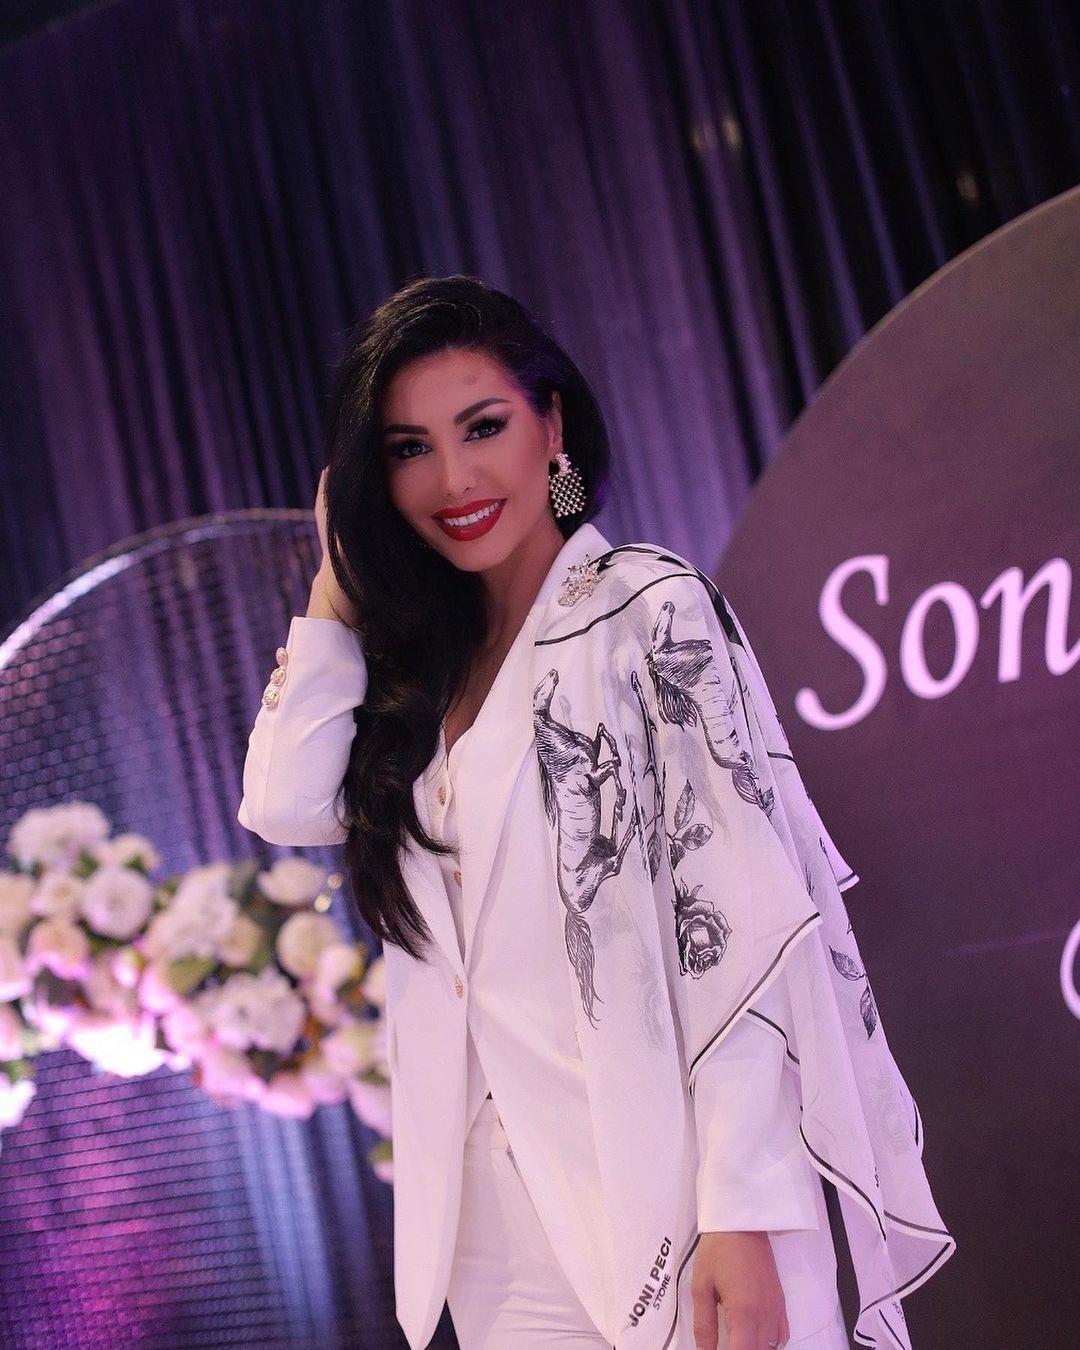 Pranë partnerit të zemrës dhe miqve, Soni Malaj ndan pamjet e papublikuara nga festa e saj e ditëlindjes!